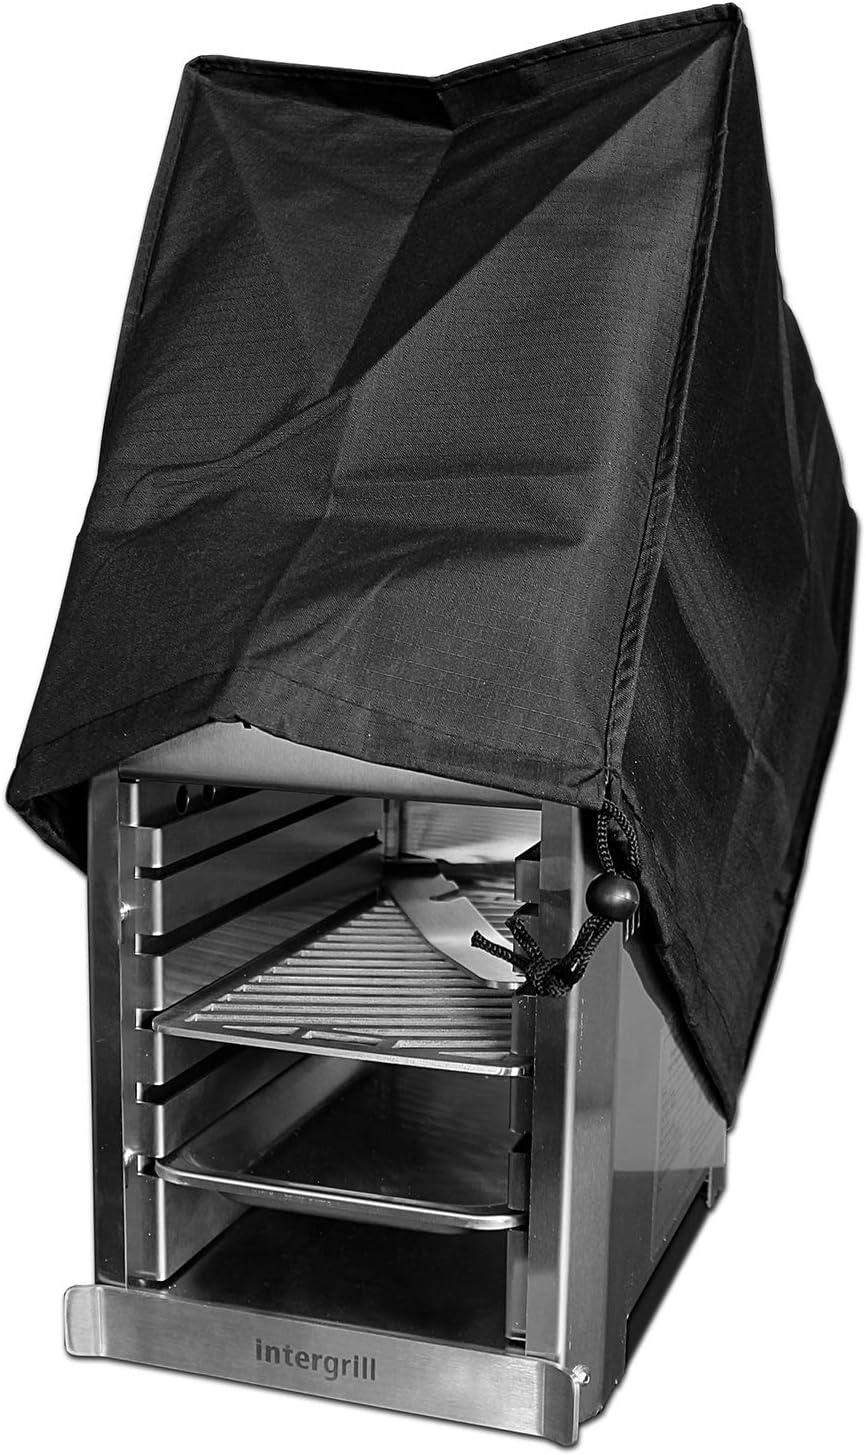 Intergrill 800° Grillhaube XXL 600D Oxford Qualität